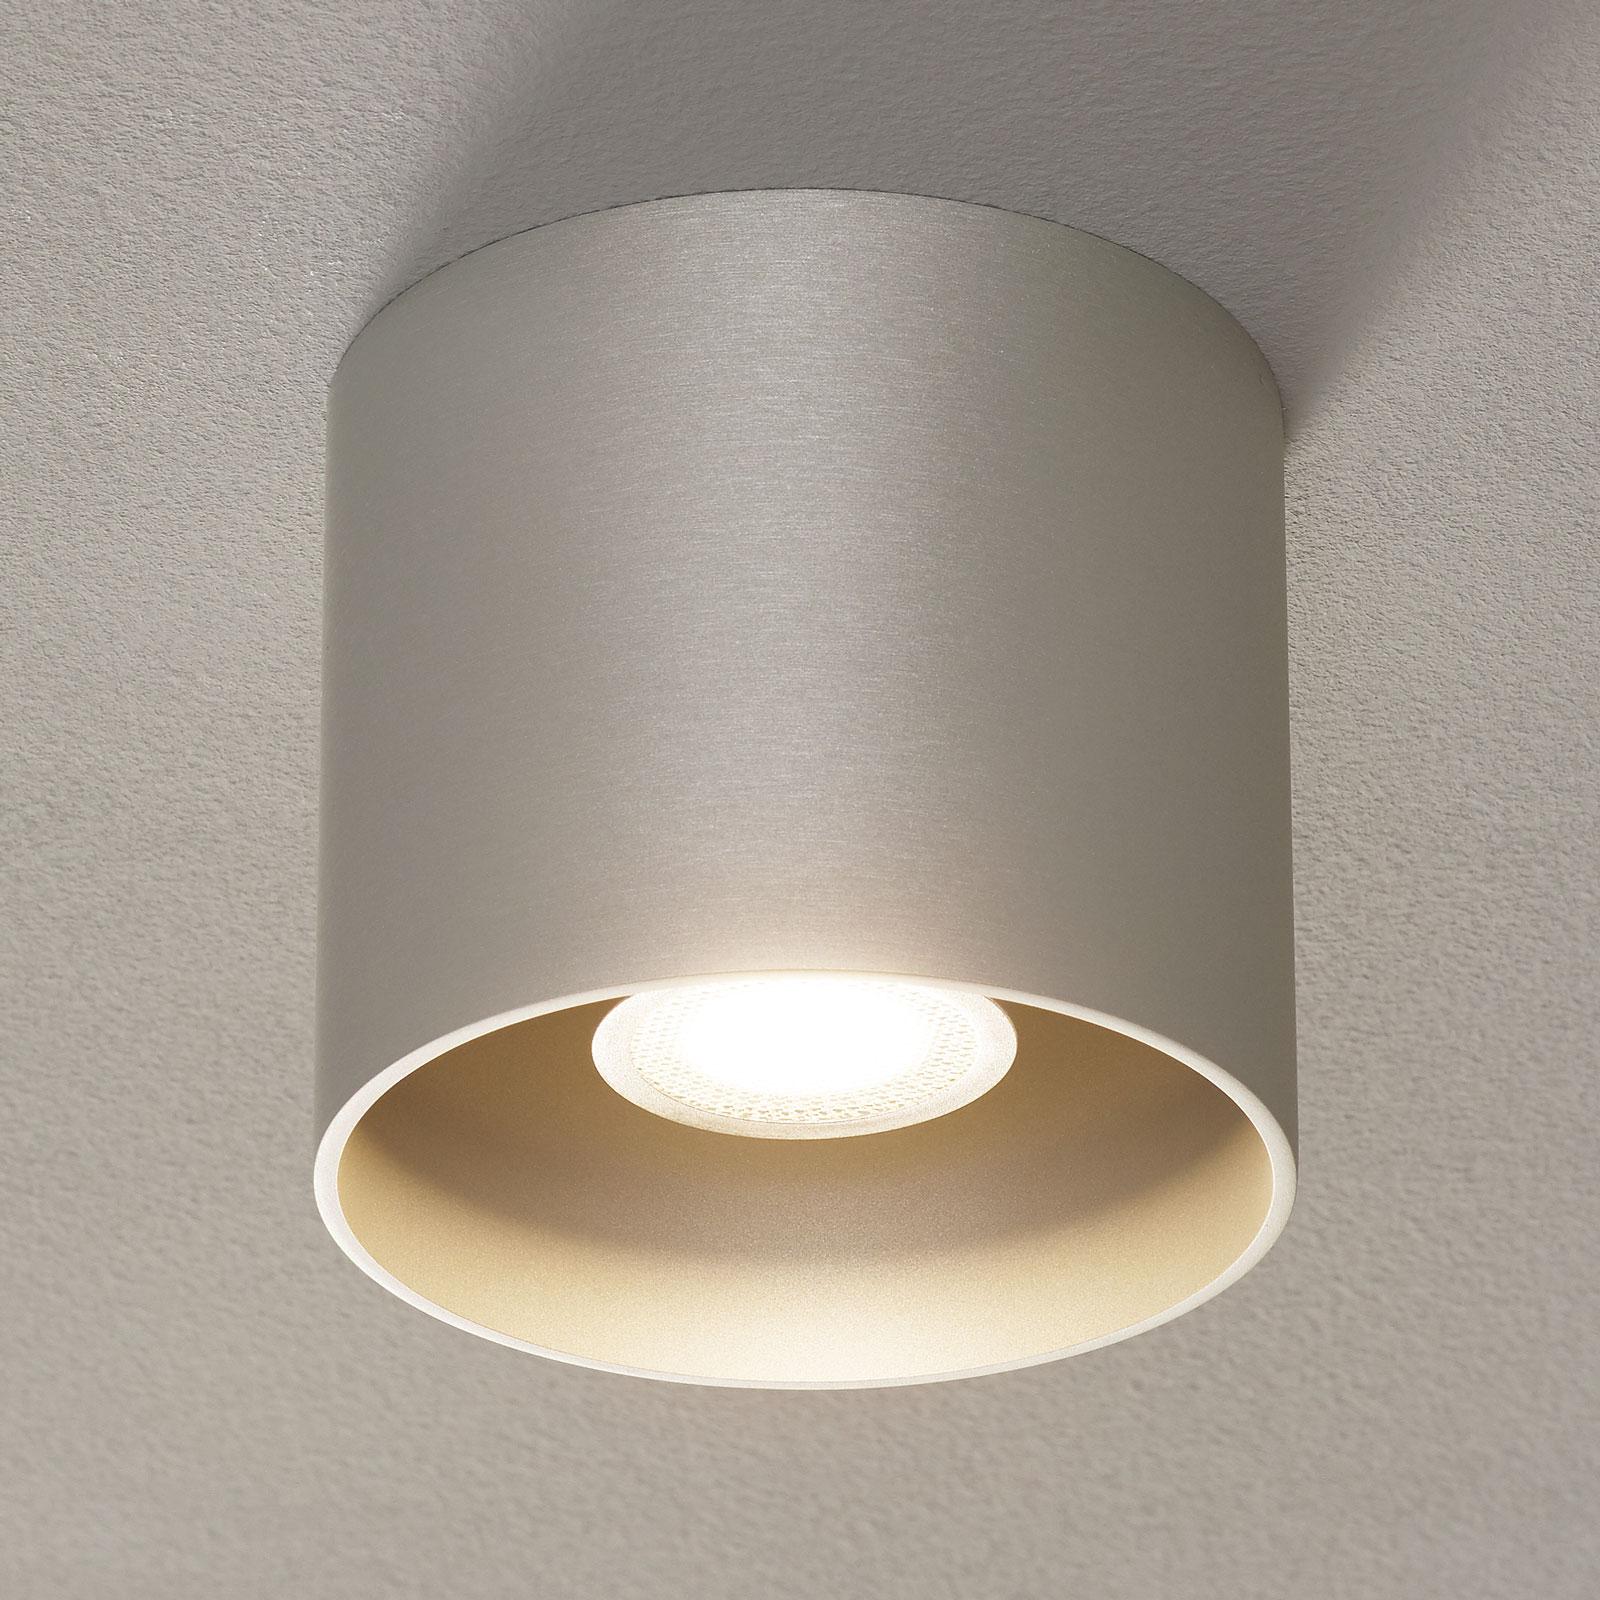 WEVER & DUCRÉ Ray PAR16 plafondlamp aluminium